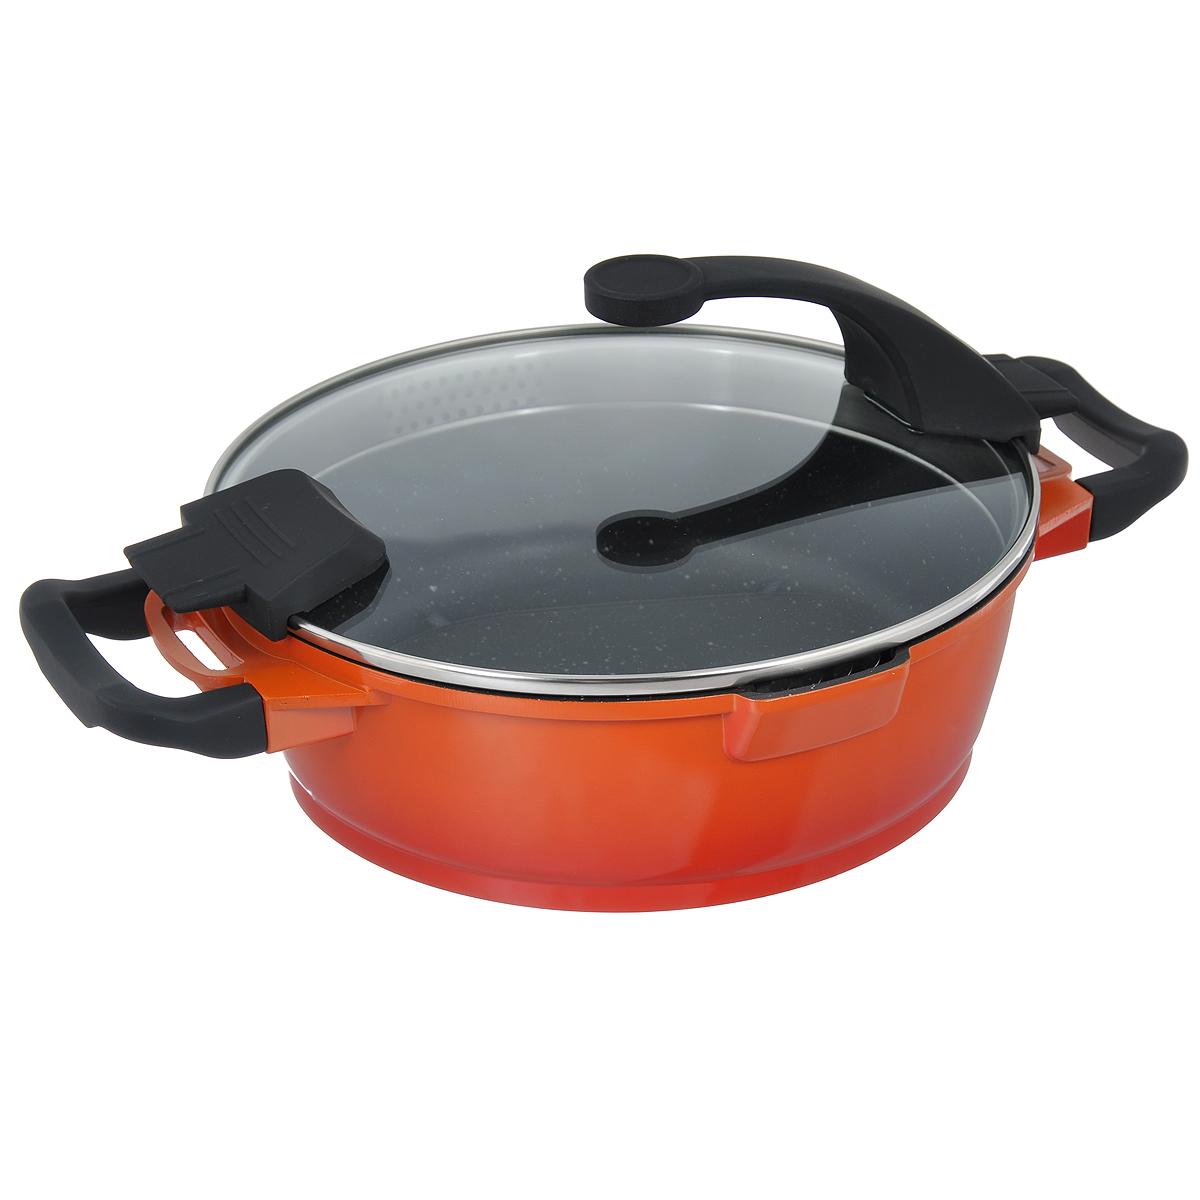 Сотейник BergHOFF Virgo Orange с крышкой, с антипригарным покрытием, цвет: оранжево-красный, 3 л. 2304906 кастрюля berghoff virgo orange с крышкой с антипригарным покрытием цвет оранжево красный 4 6 л